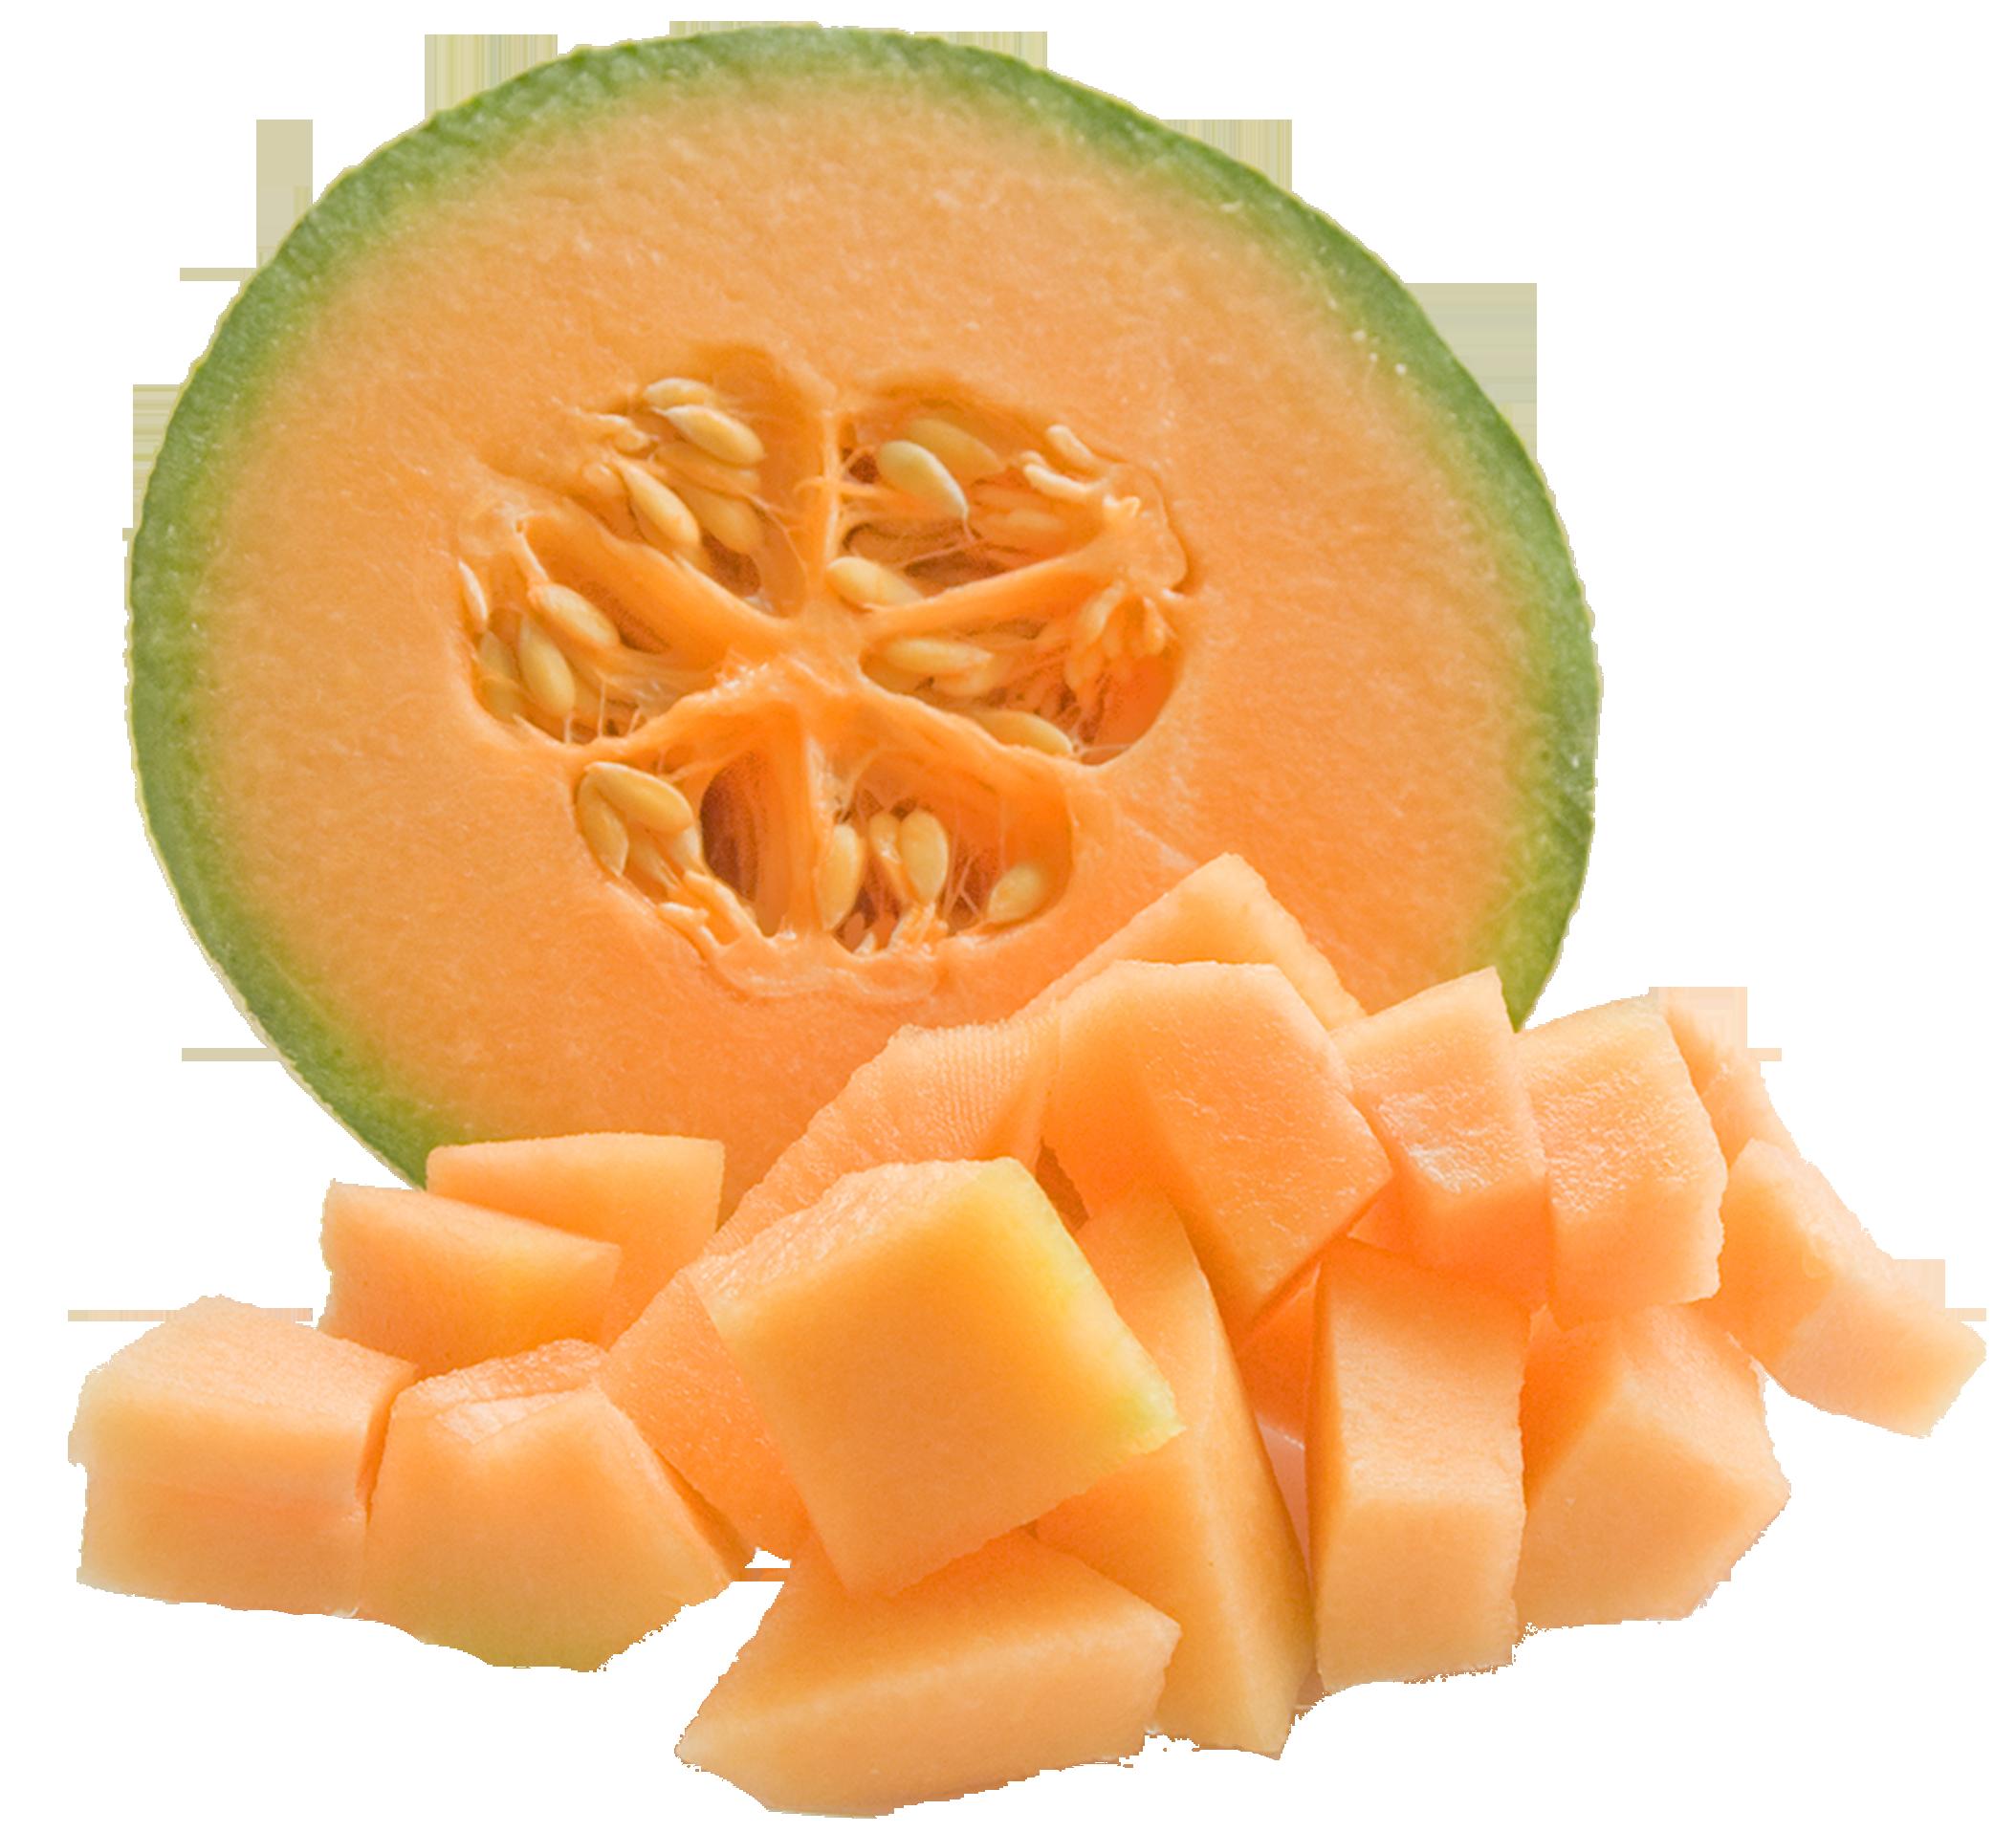 Clipart cantaloupe png freeuse Cantaloupe Melon PNG Clipart - Best WEB Clipart png freeuse